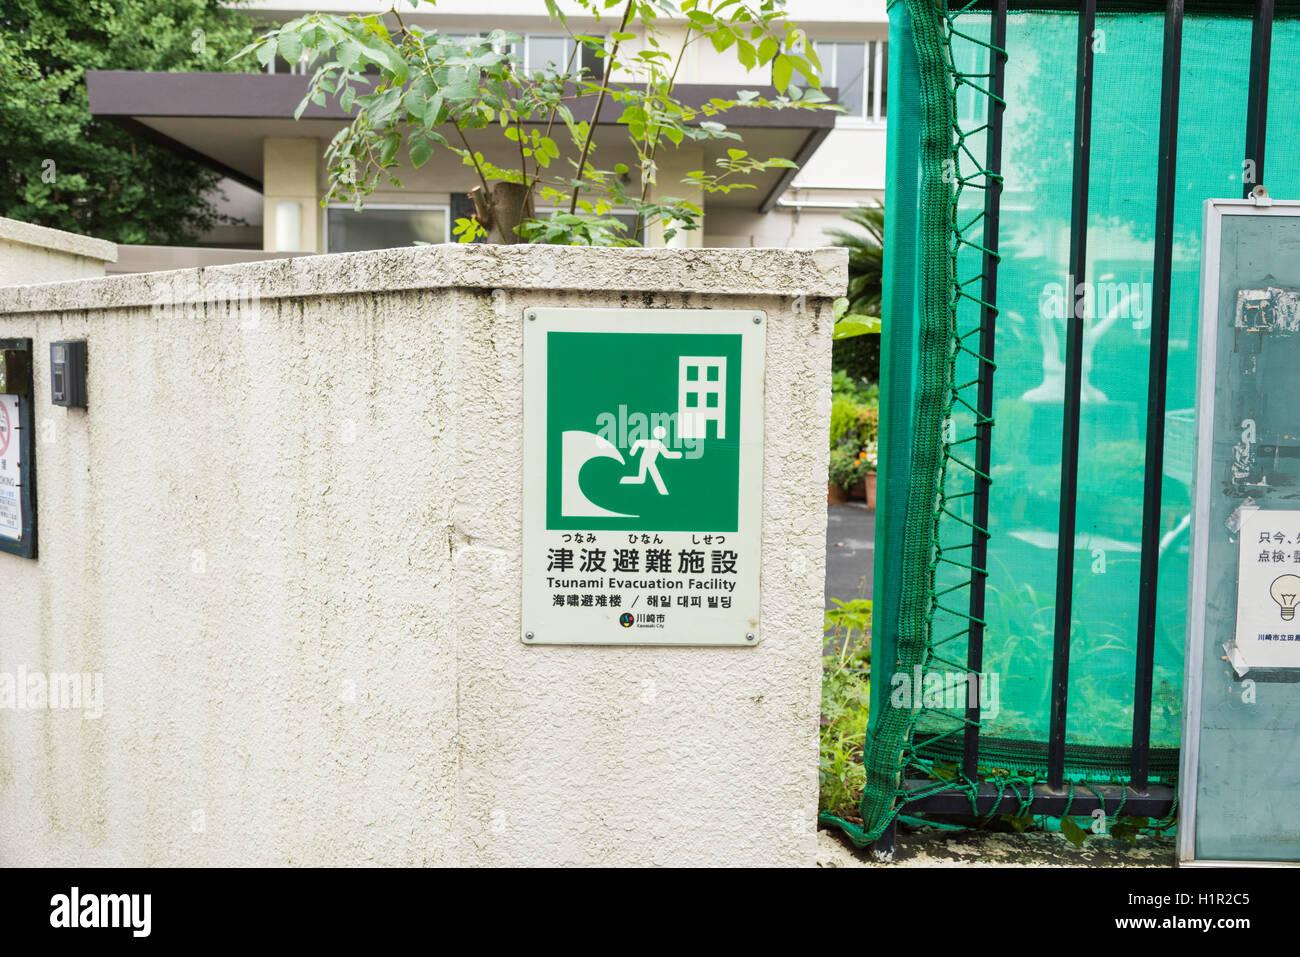 Sign of Tsunami Evacuation Facility, Kawasaki City, Kanagawa Prefecture, Japan - Stock Image